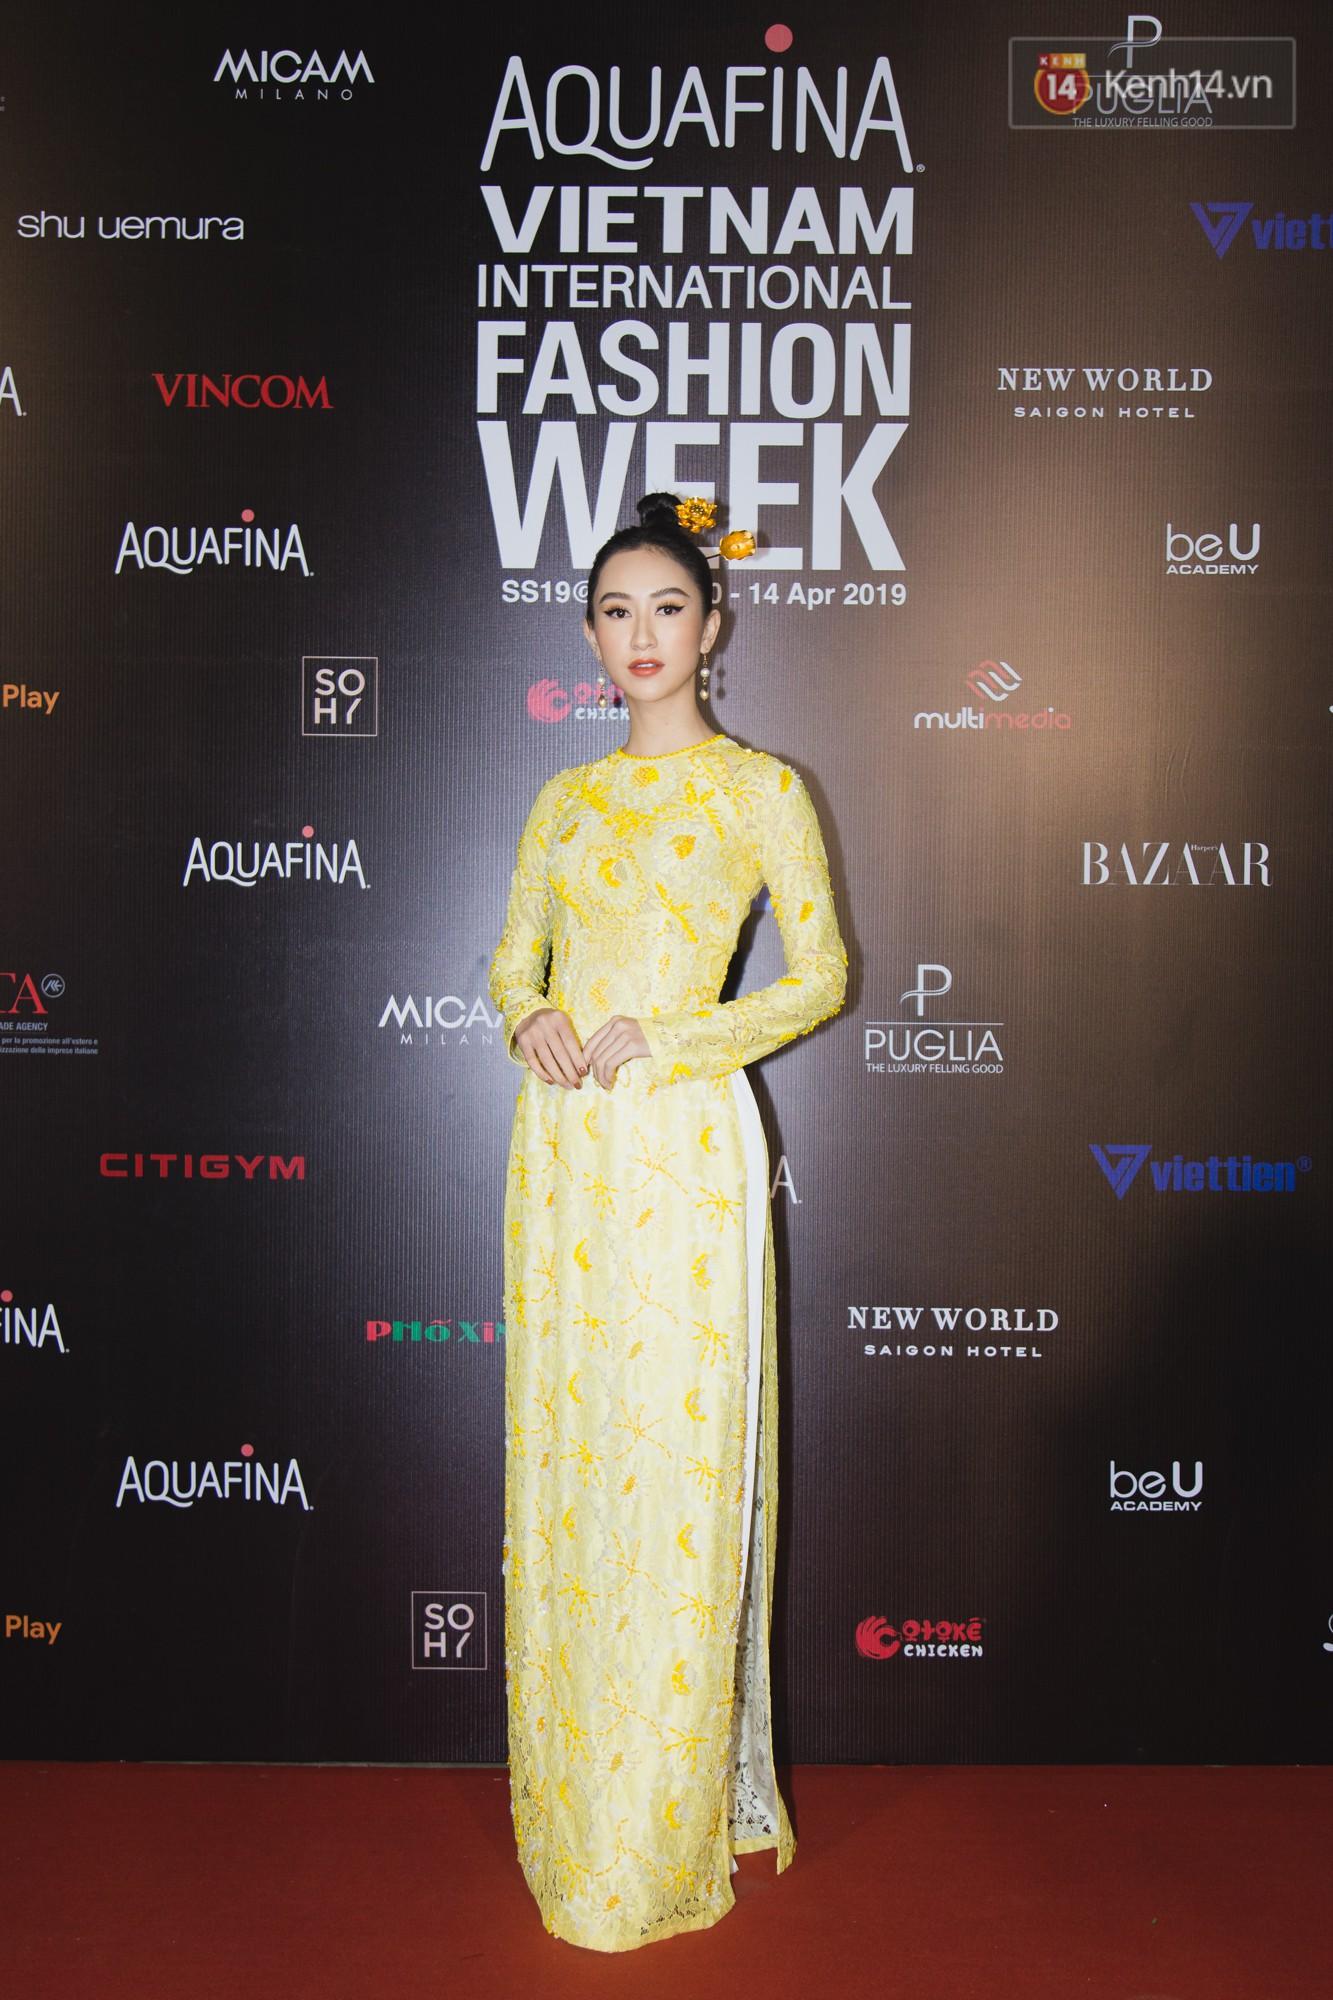 Linh Chi - Lâm Vinh Hải trông như cô dâu chú rể, Cindy Thái Tài lại hở bạo hết sức trên thảm đỏ Tuần lễ thời trang - Ảnh 9.